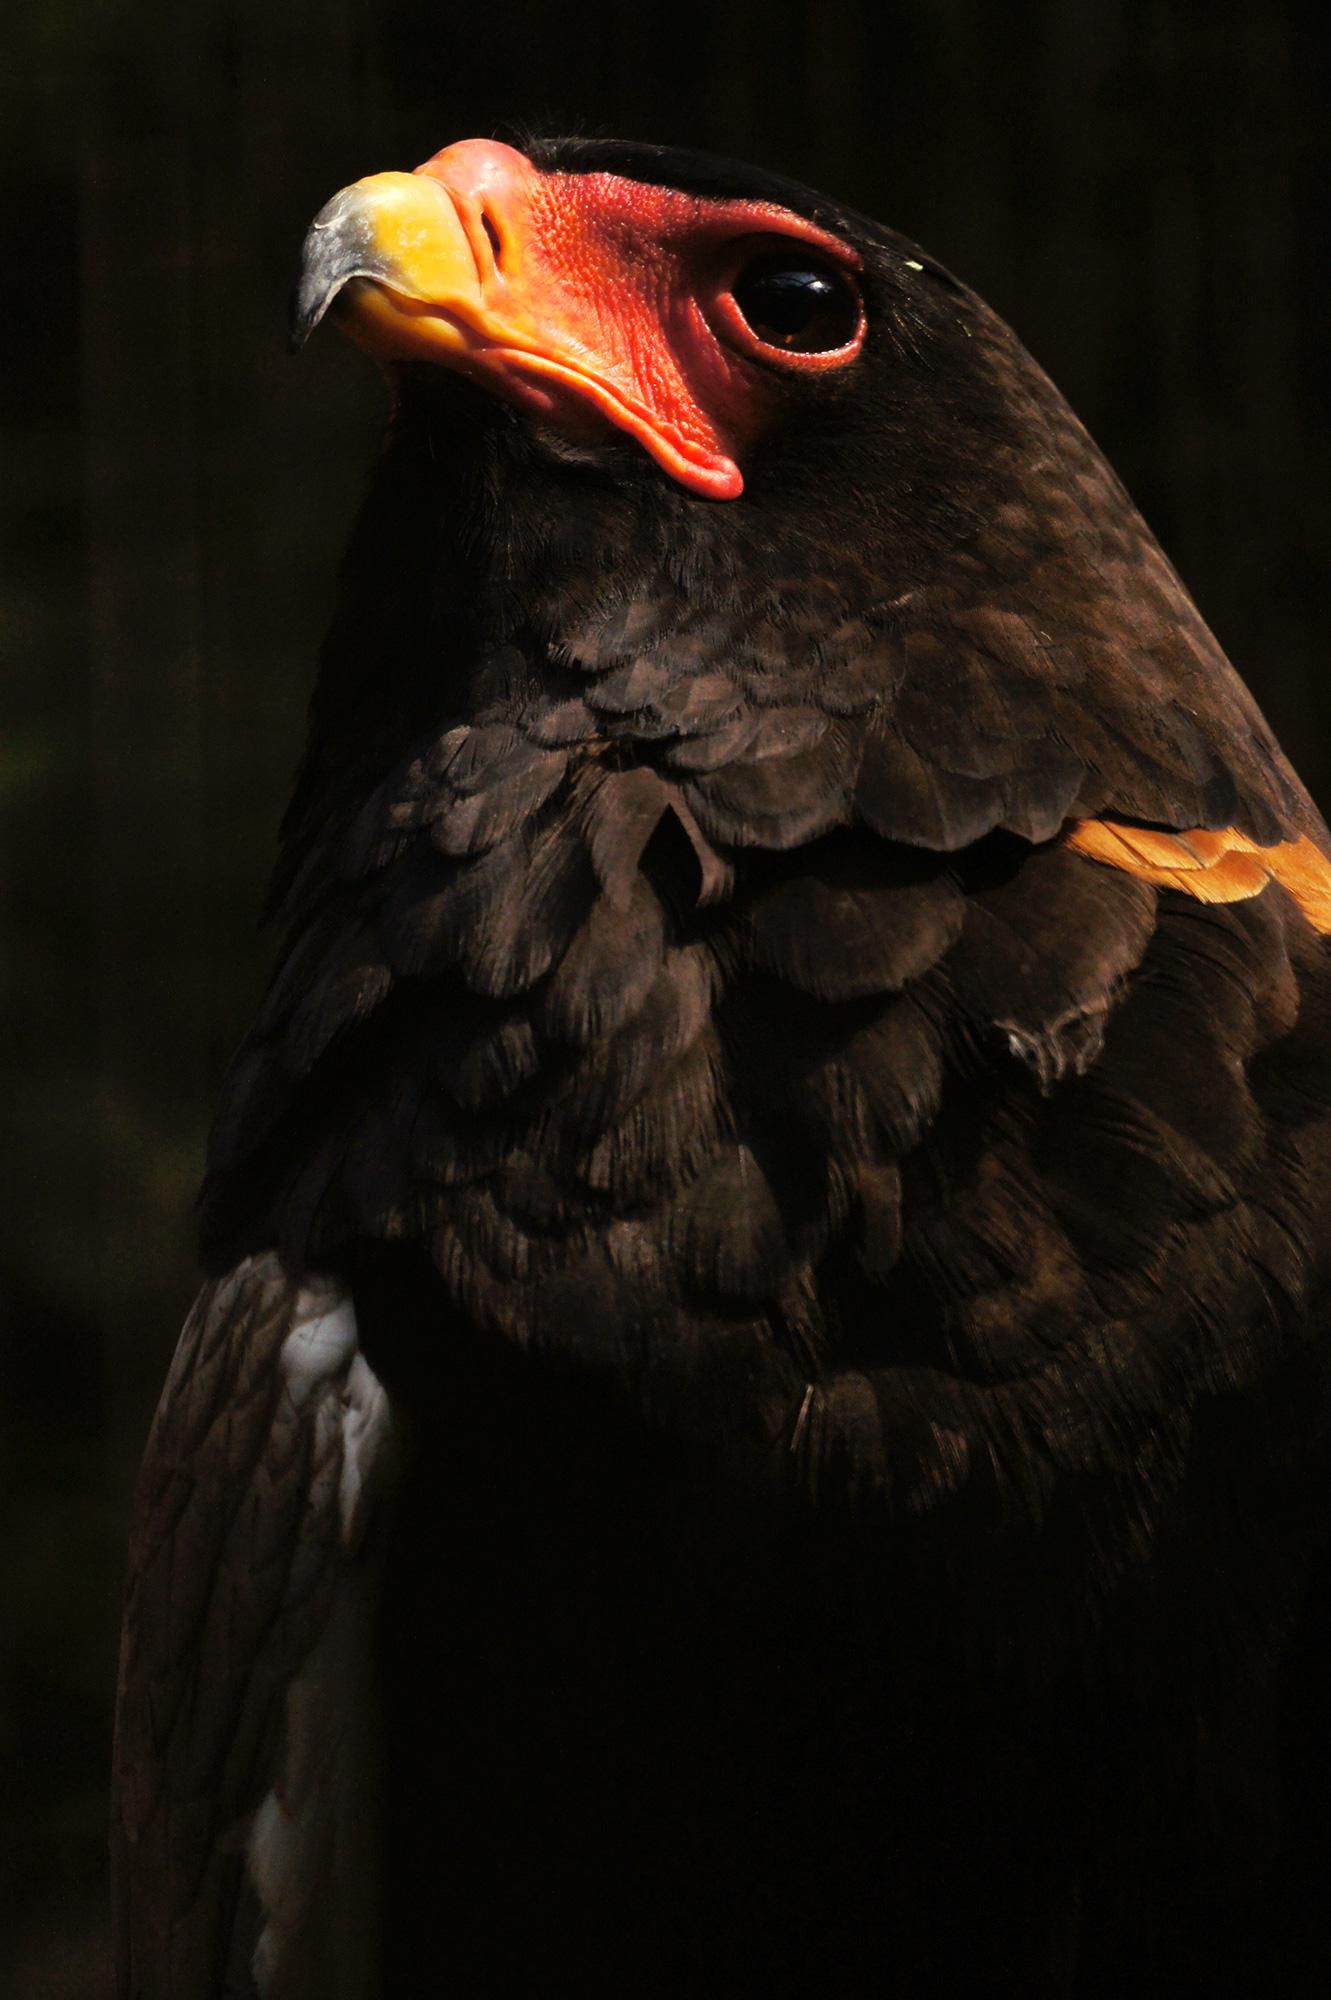 達磨鷲の写真のフリー素材